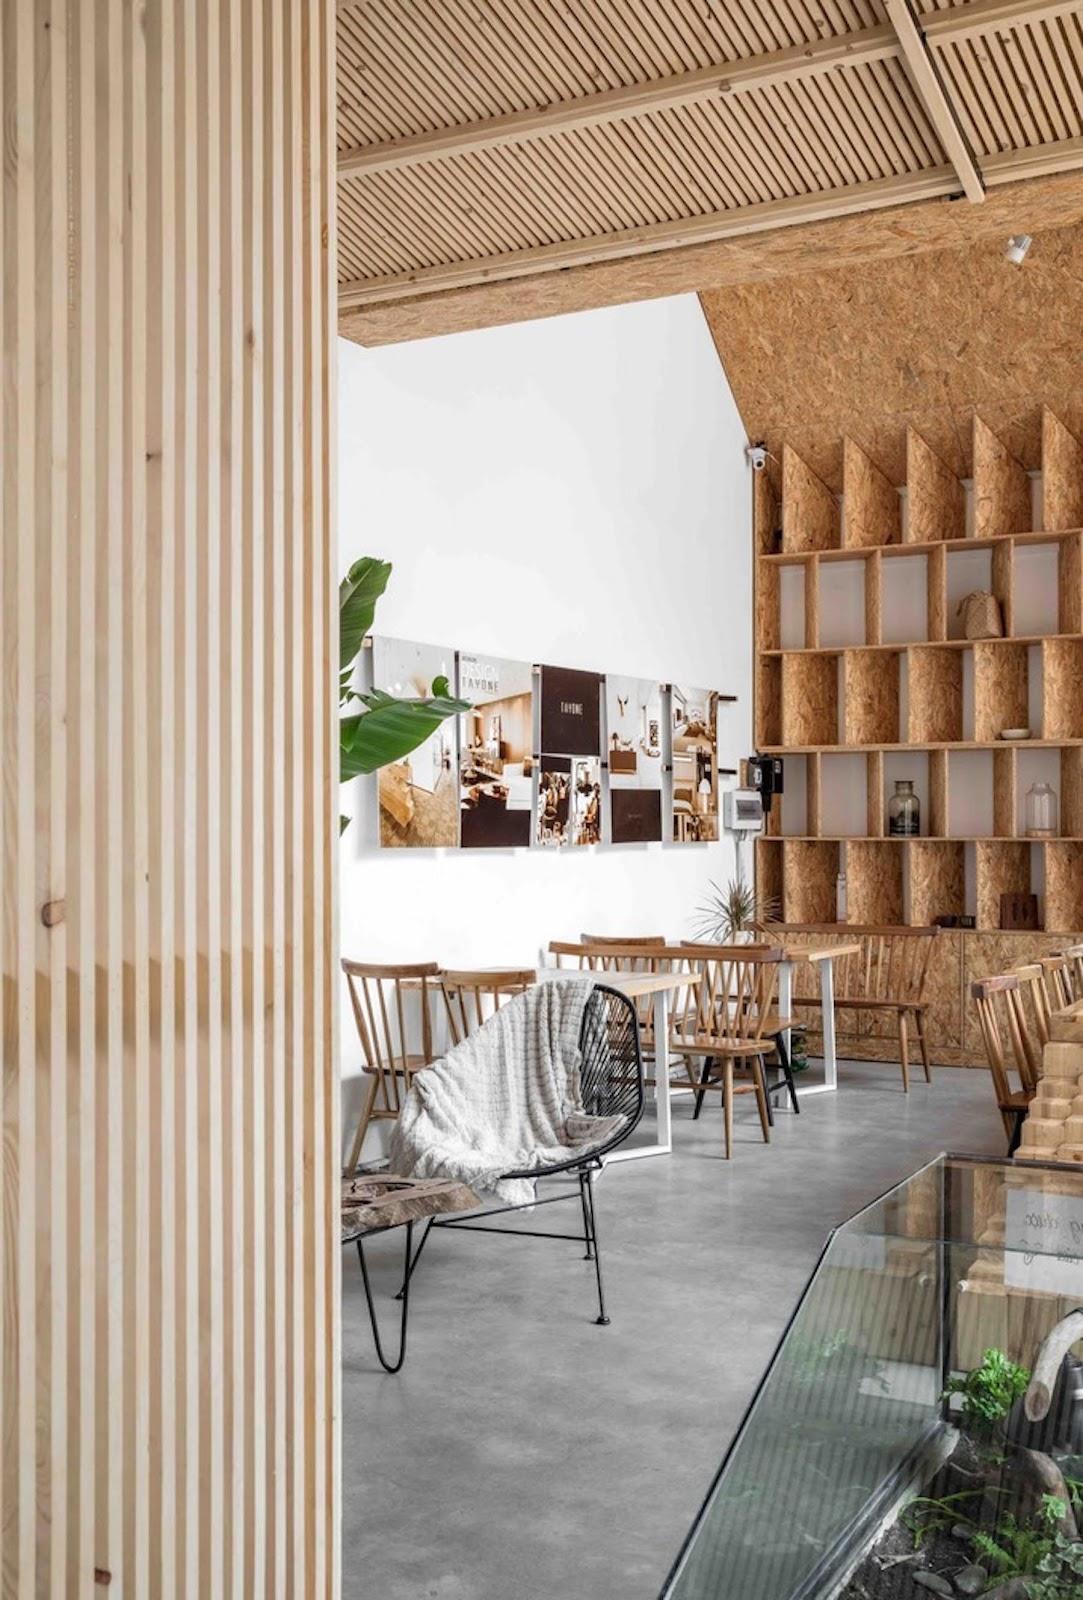 Inspirasi desain cafe tropical dengan kayu dan bambu sebagai material utama interior - source: pinterest.com